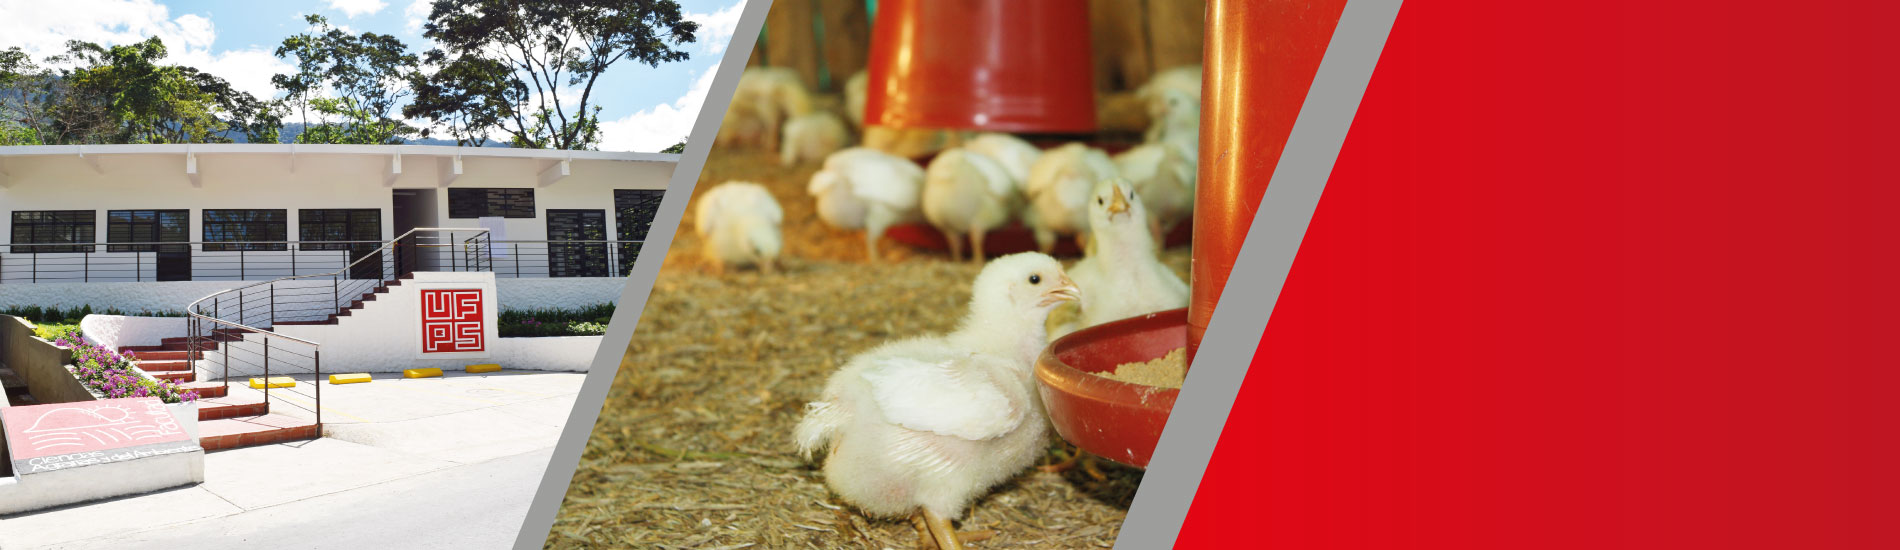 La UFPS recibe Registro Calificado para ofrecer el programa de Zootecnia